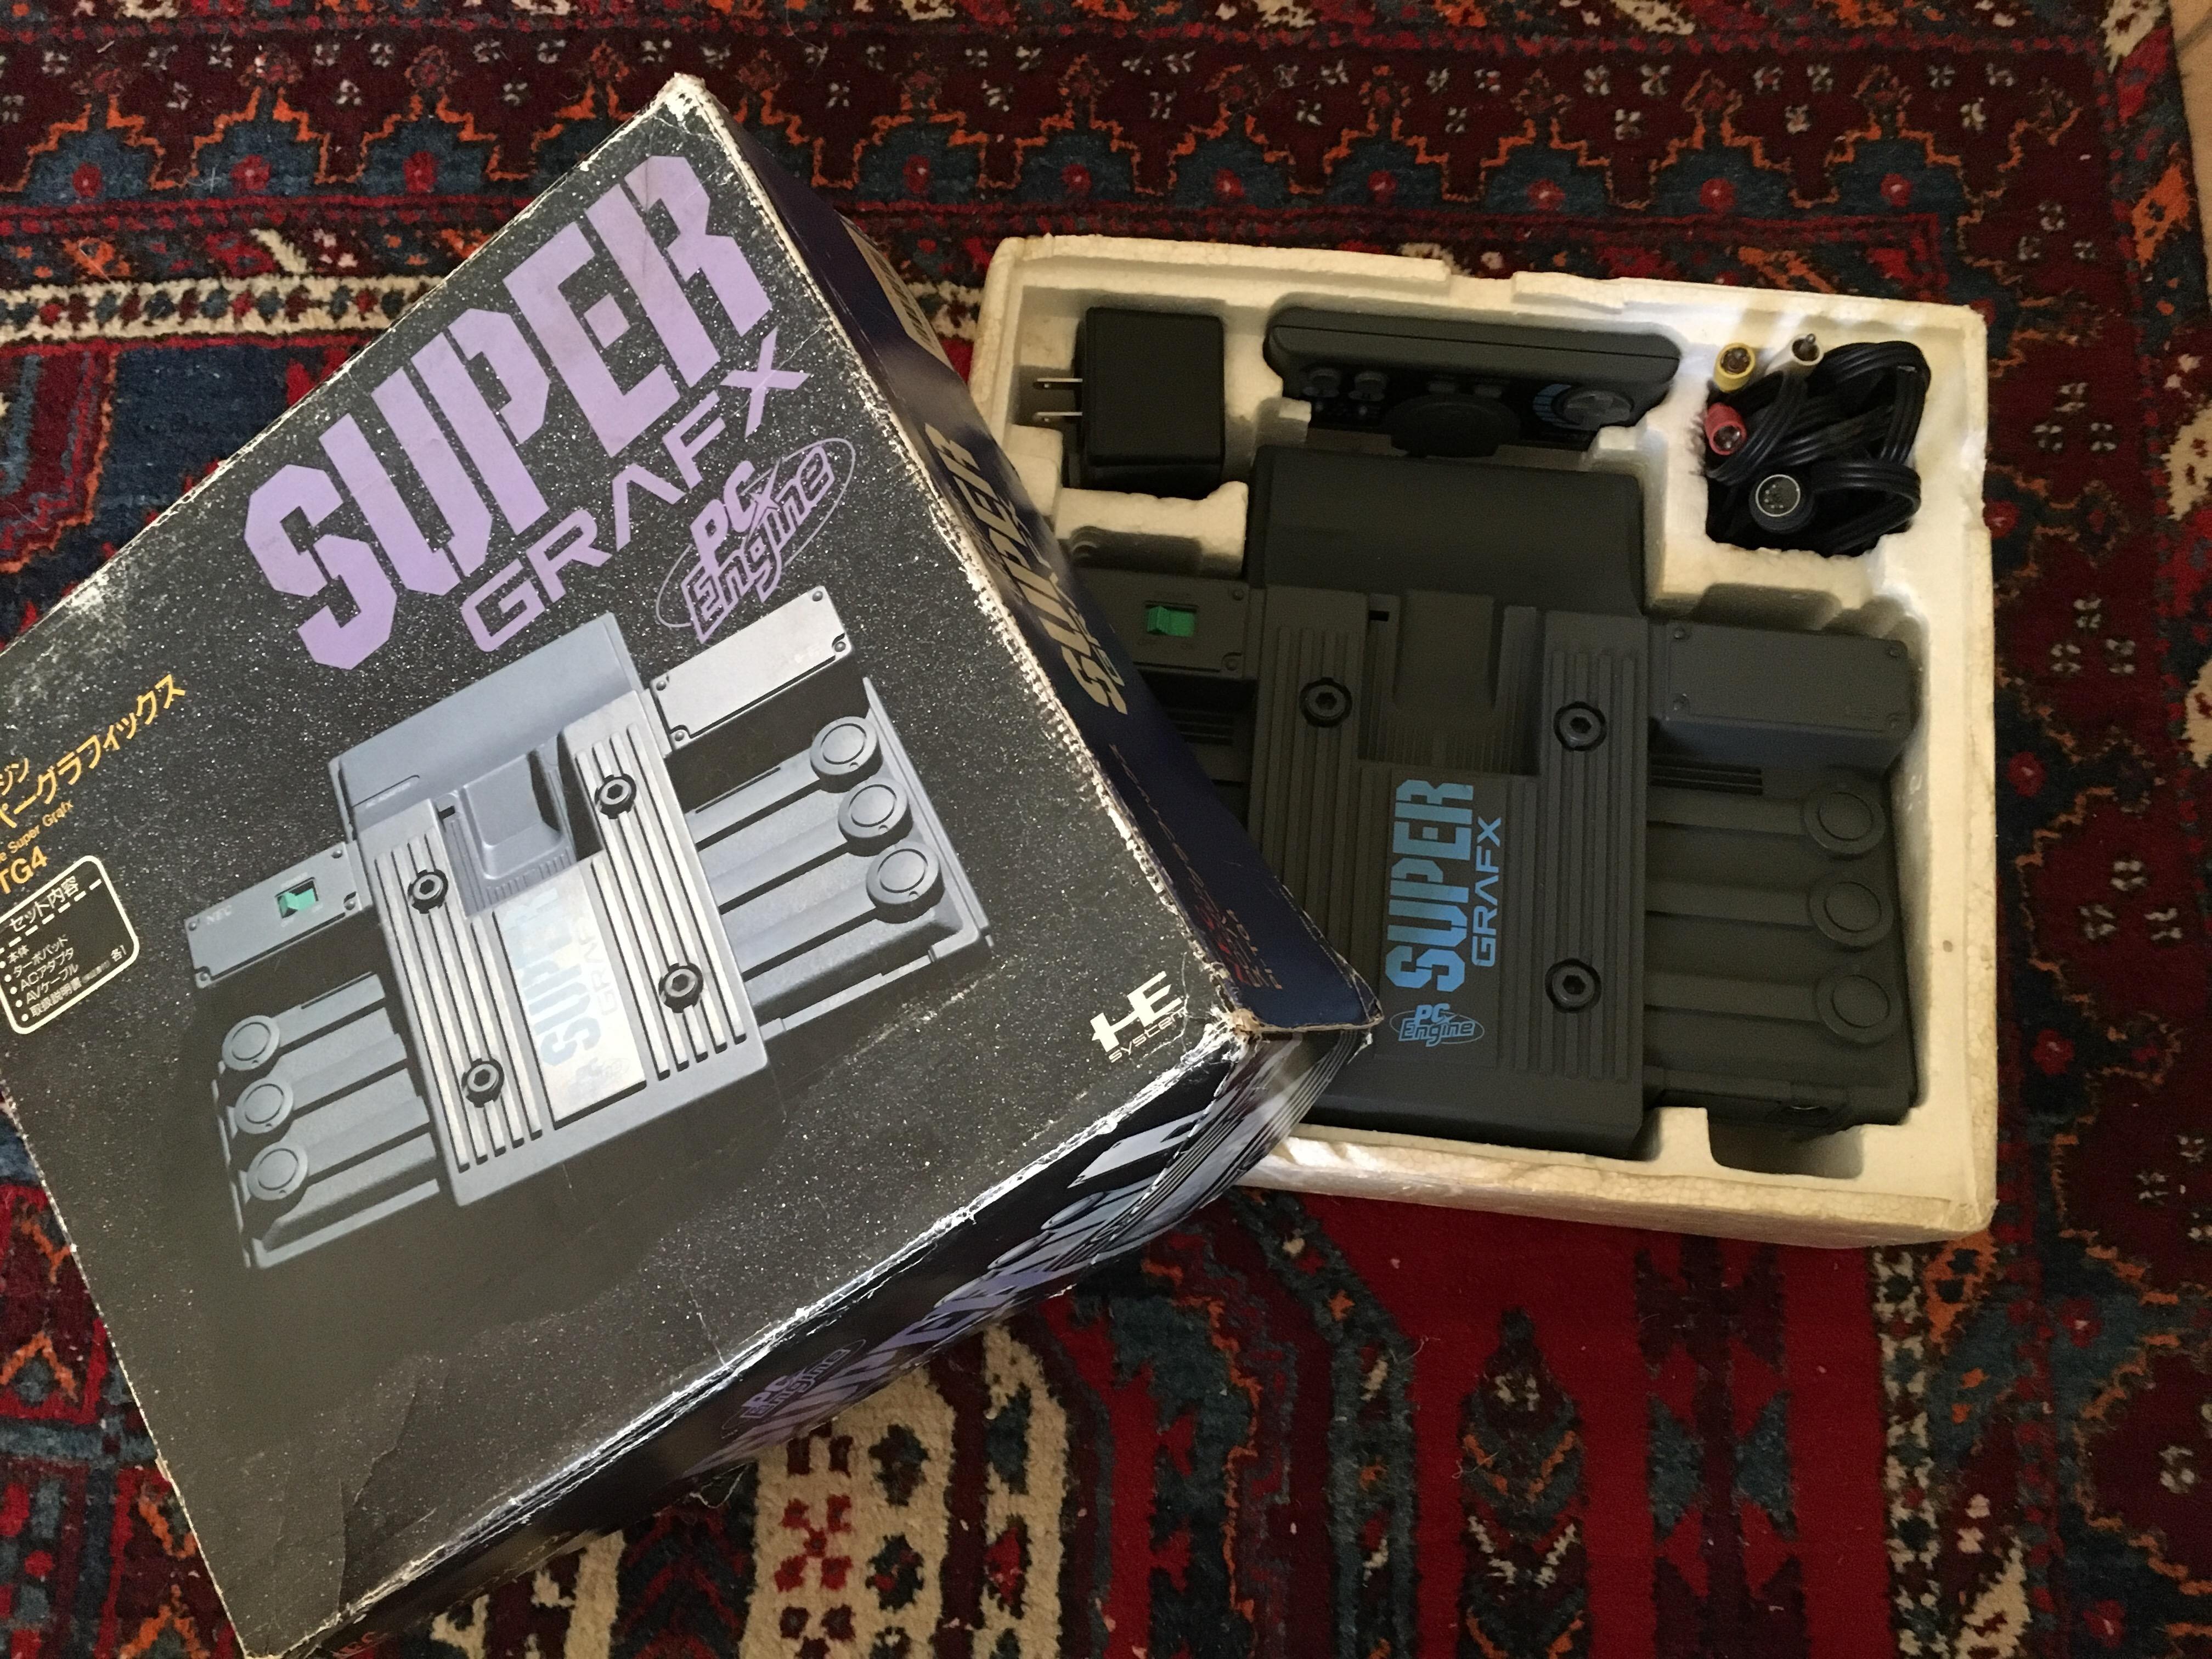 Il mio Supercoregraf pronto per essere giocato!